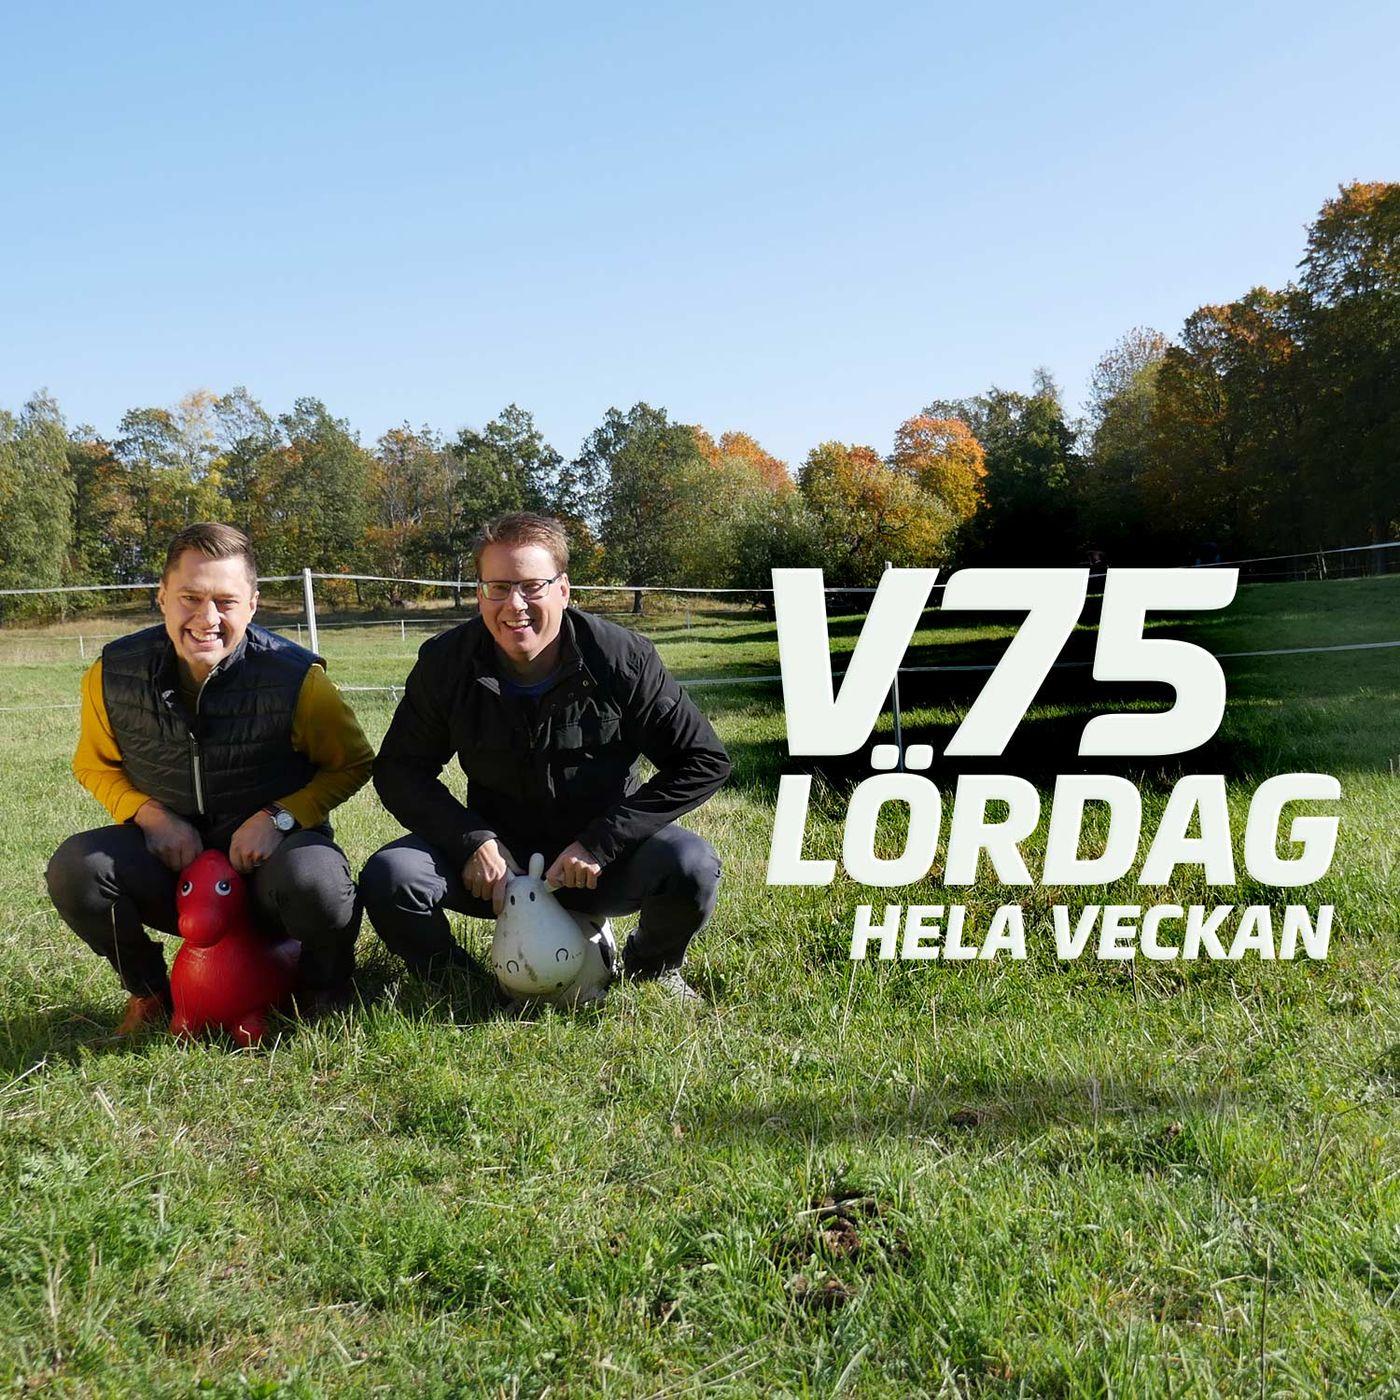 V75 - lördag hela veckan